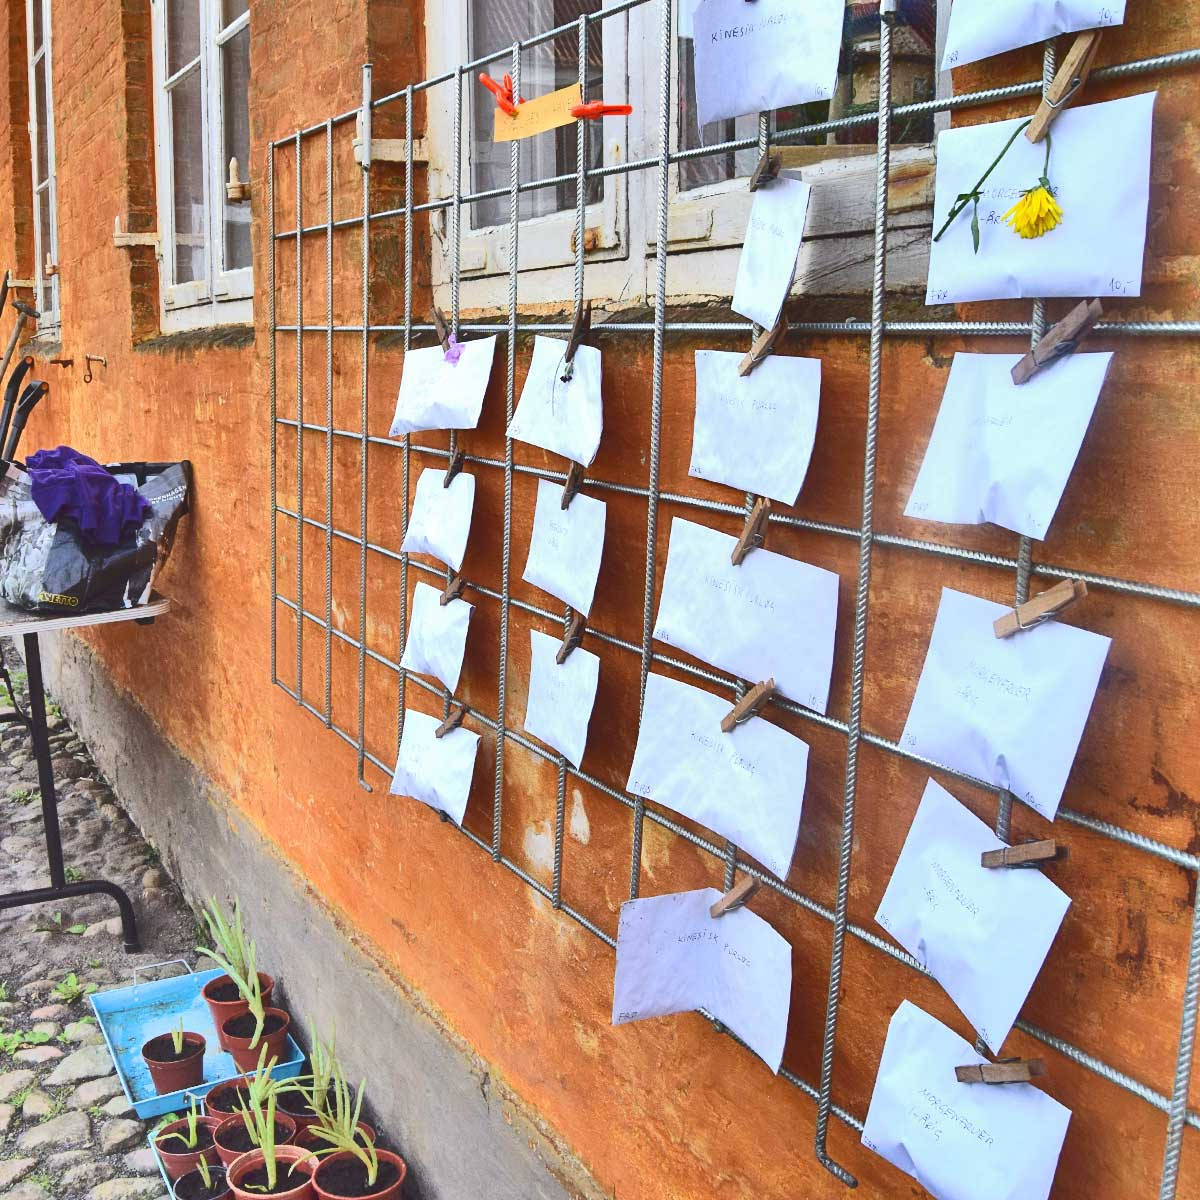 Vi har hængt kuverter med frø op på et gitter på væggen, så folk kan betjene sig selv, hvis de vil købe.